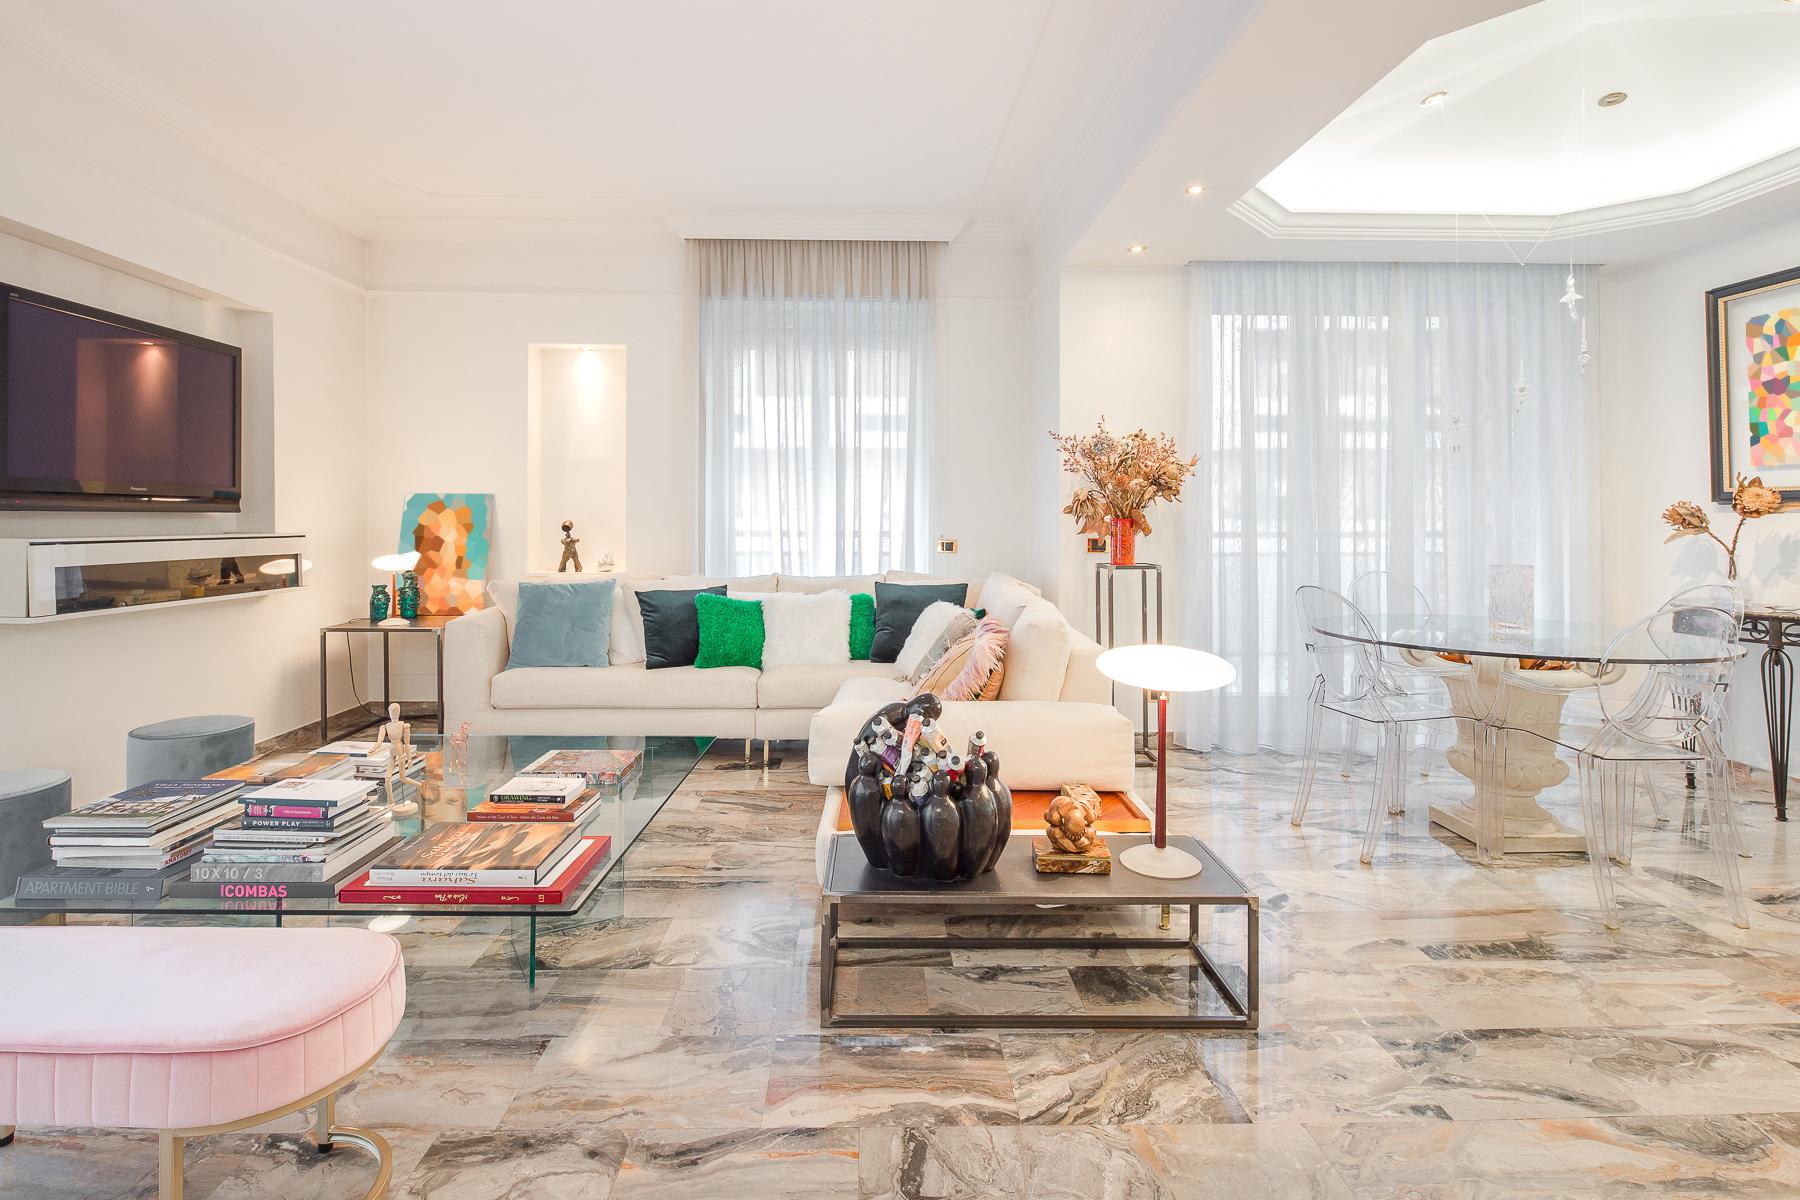 Appartamento in Vendita a Milano 10 Isola / Centrale / Gioia: 3 locali, 130 mq